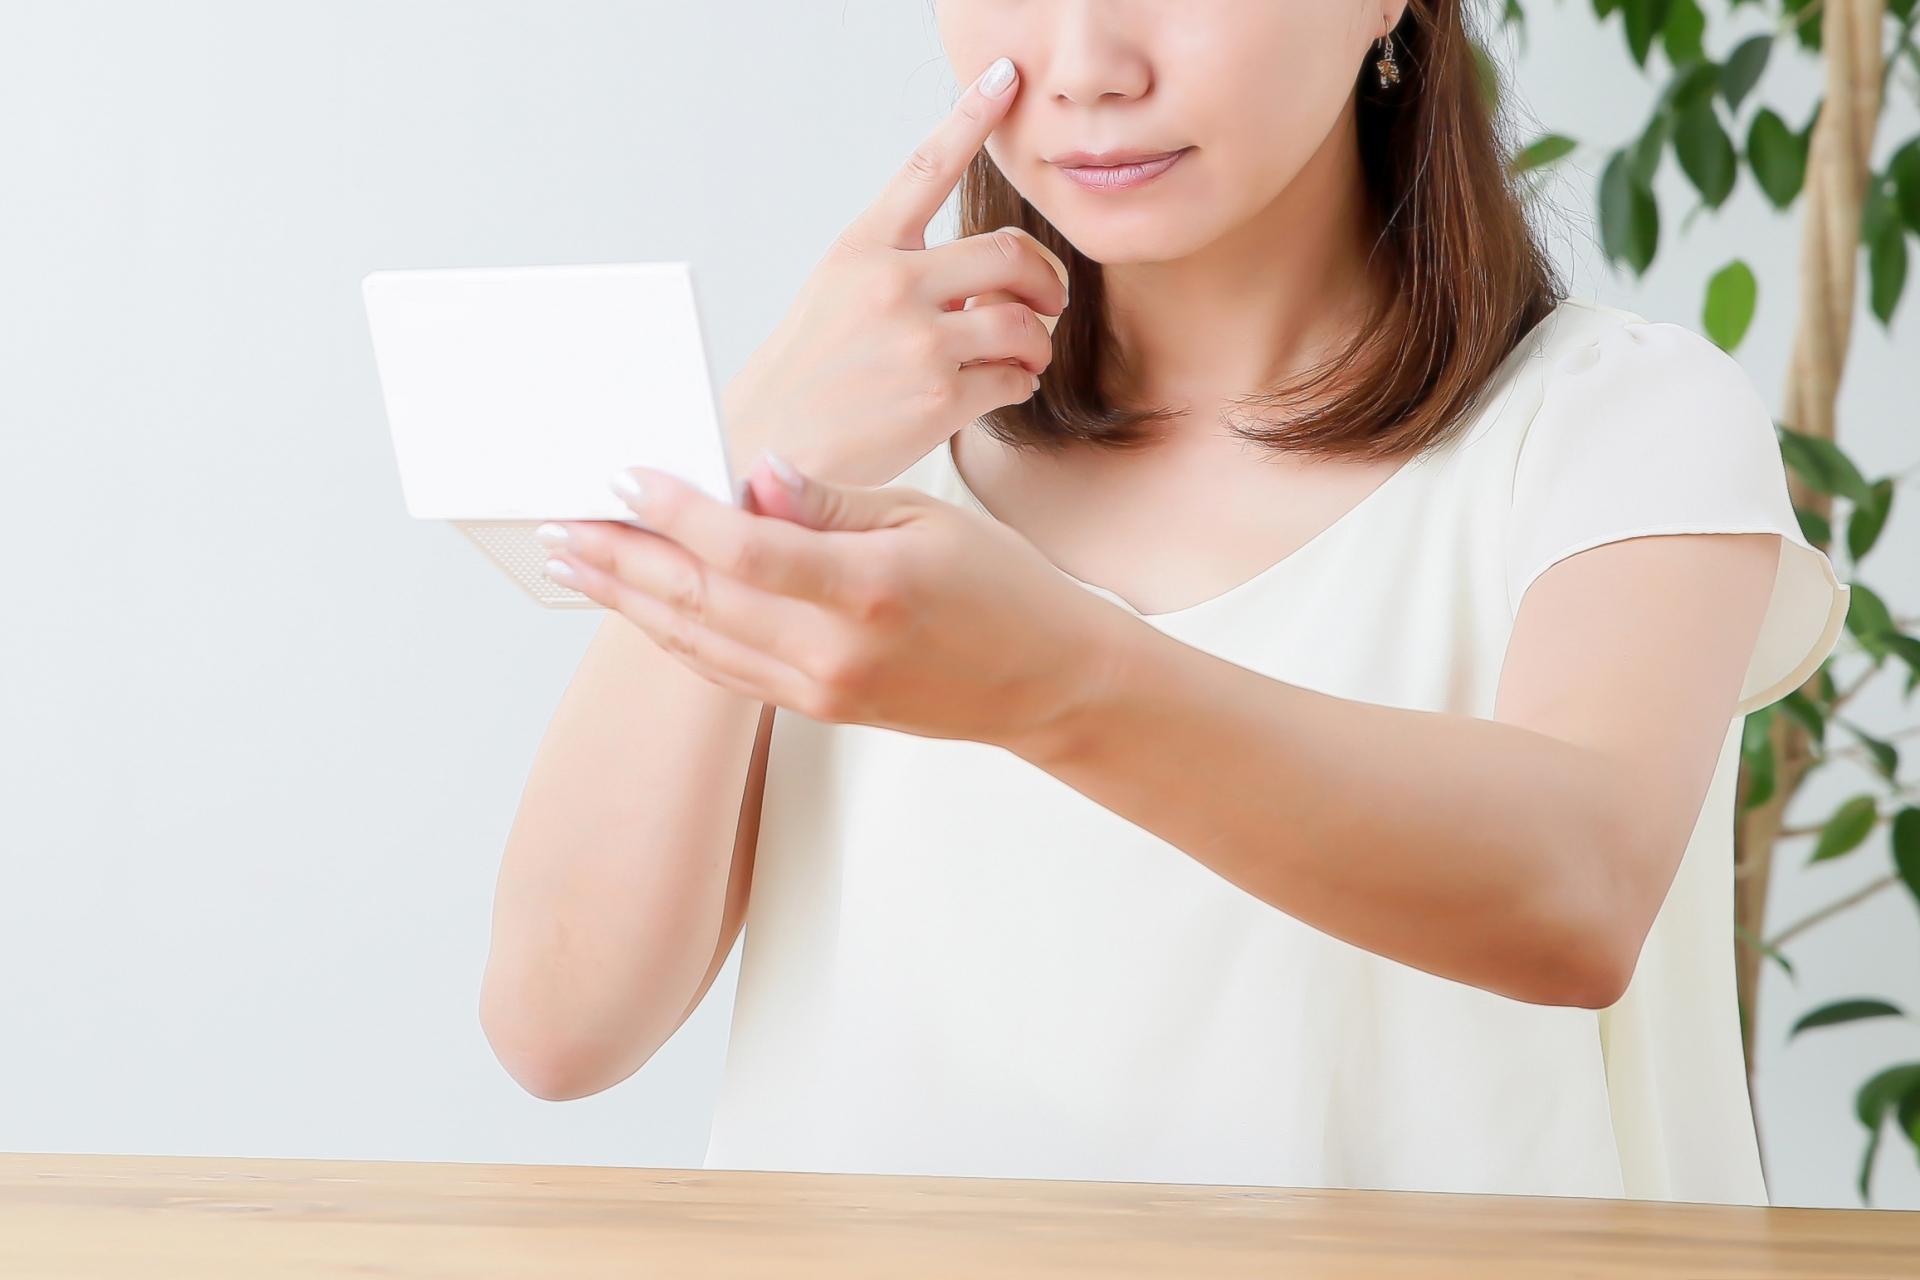 經常做好防曬,都可以有效地防止色斑惡化。